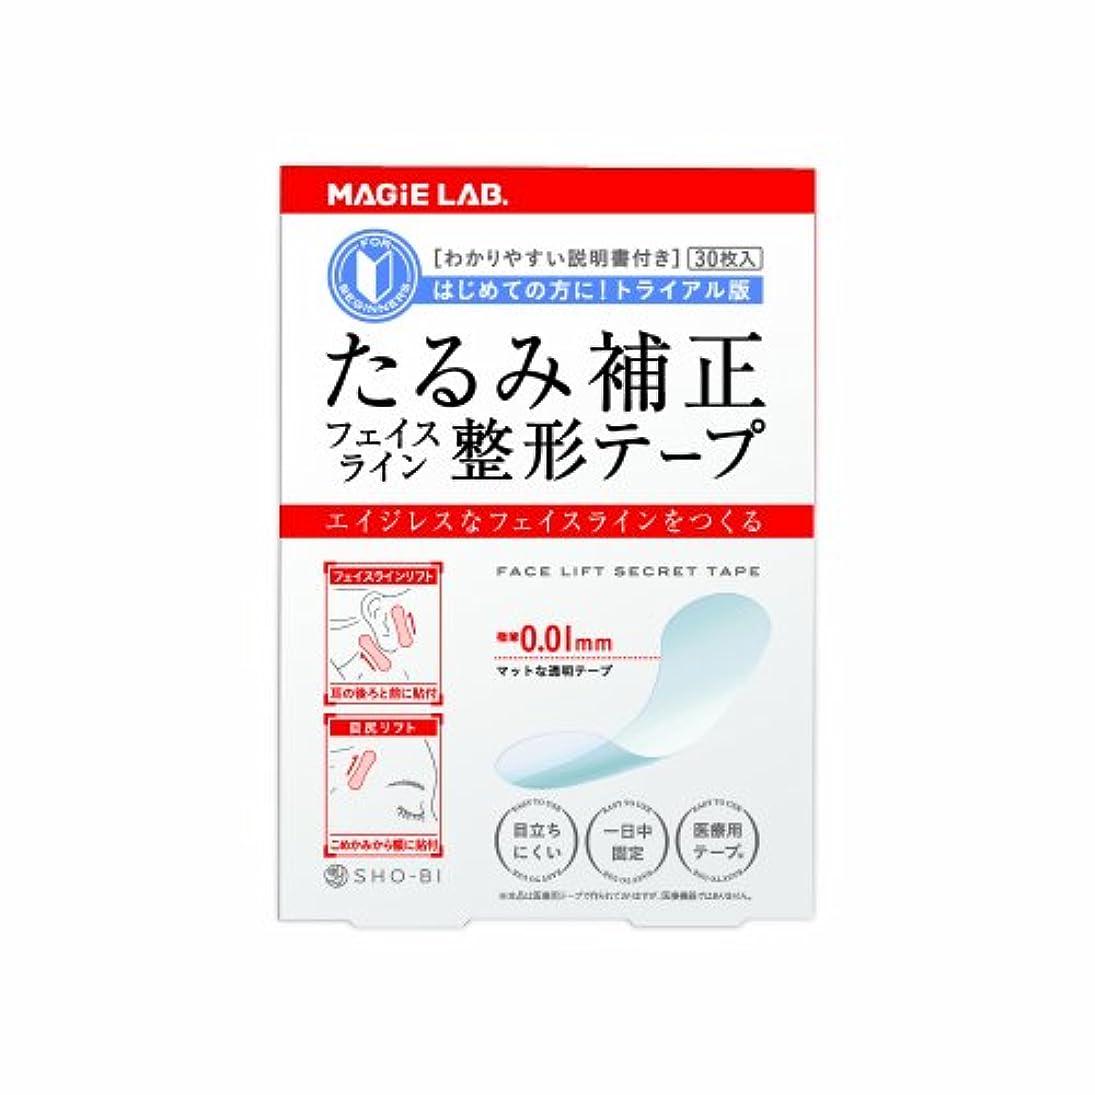 味付け回転請求可能フェイスライン 整形テープ トライアル版 30枚入 ( MG22106 ) マジラボ MAGiE LAB.